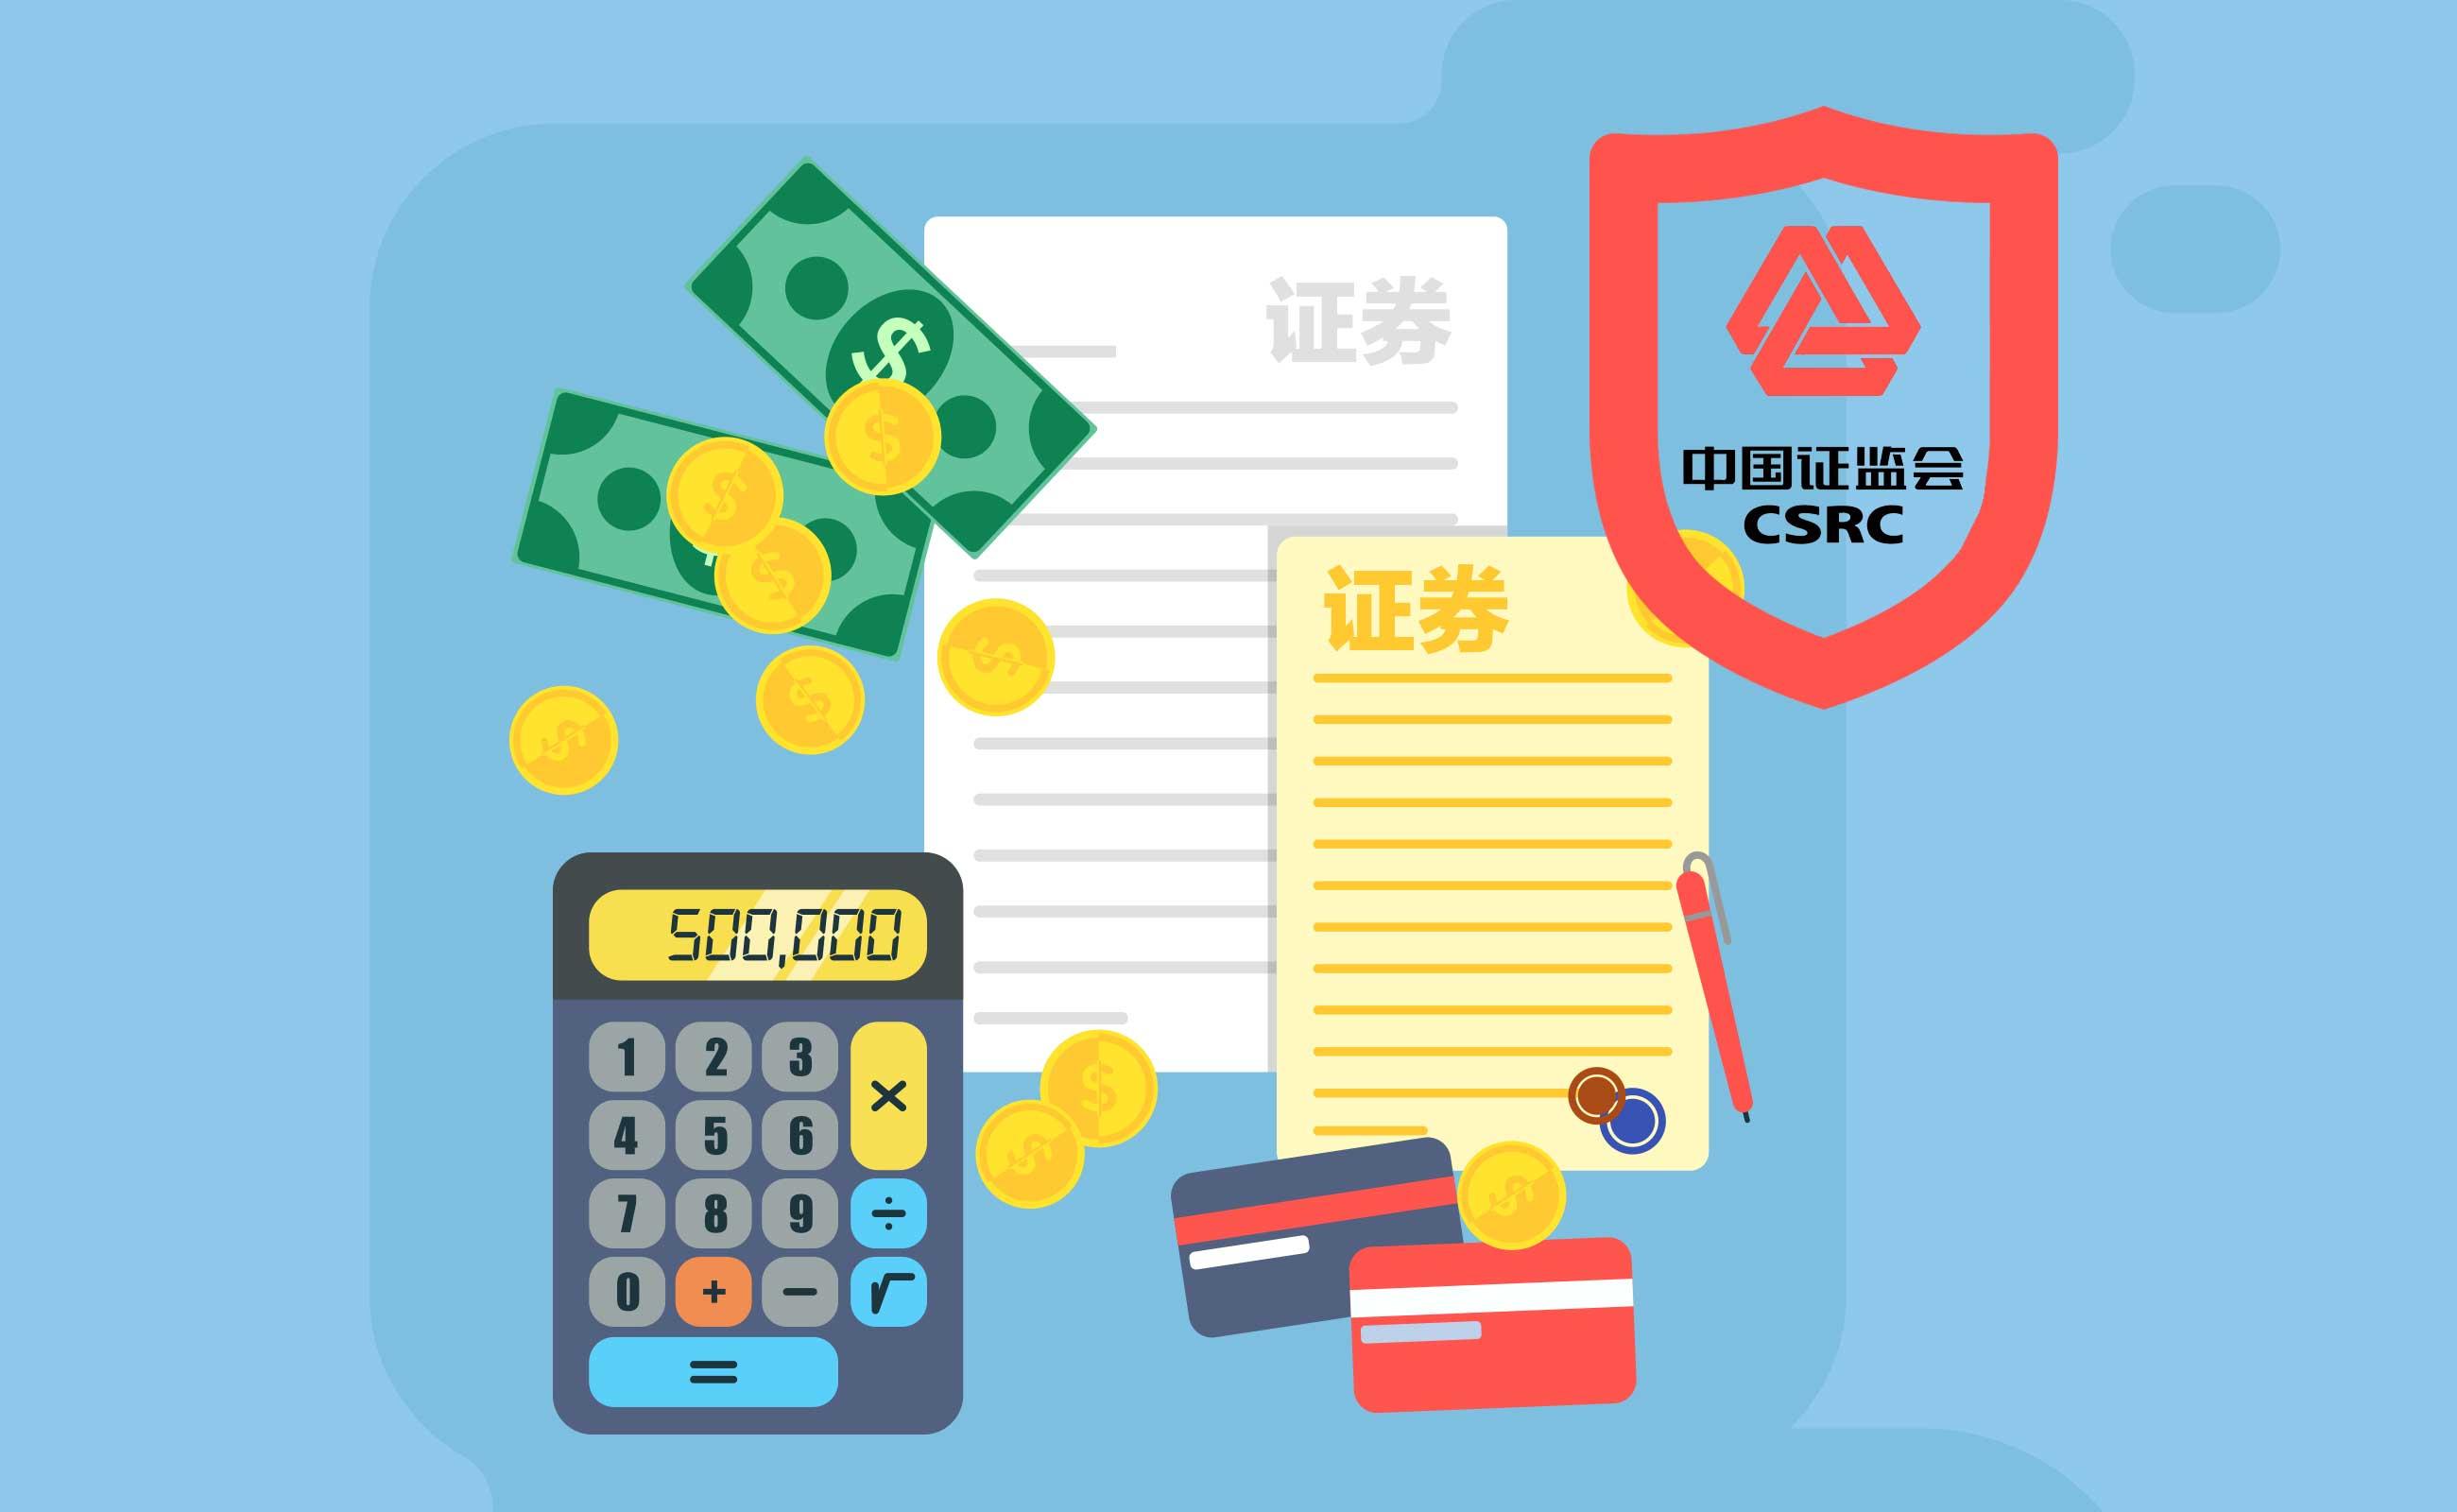 六投行拟IPO项目遭警示 提升申报企业质量压力增大